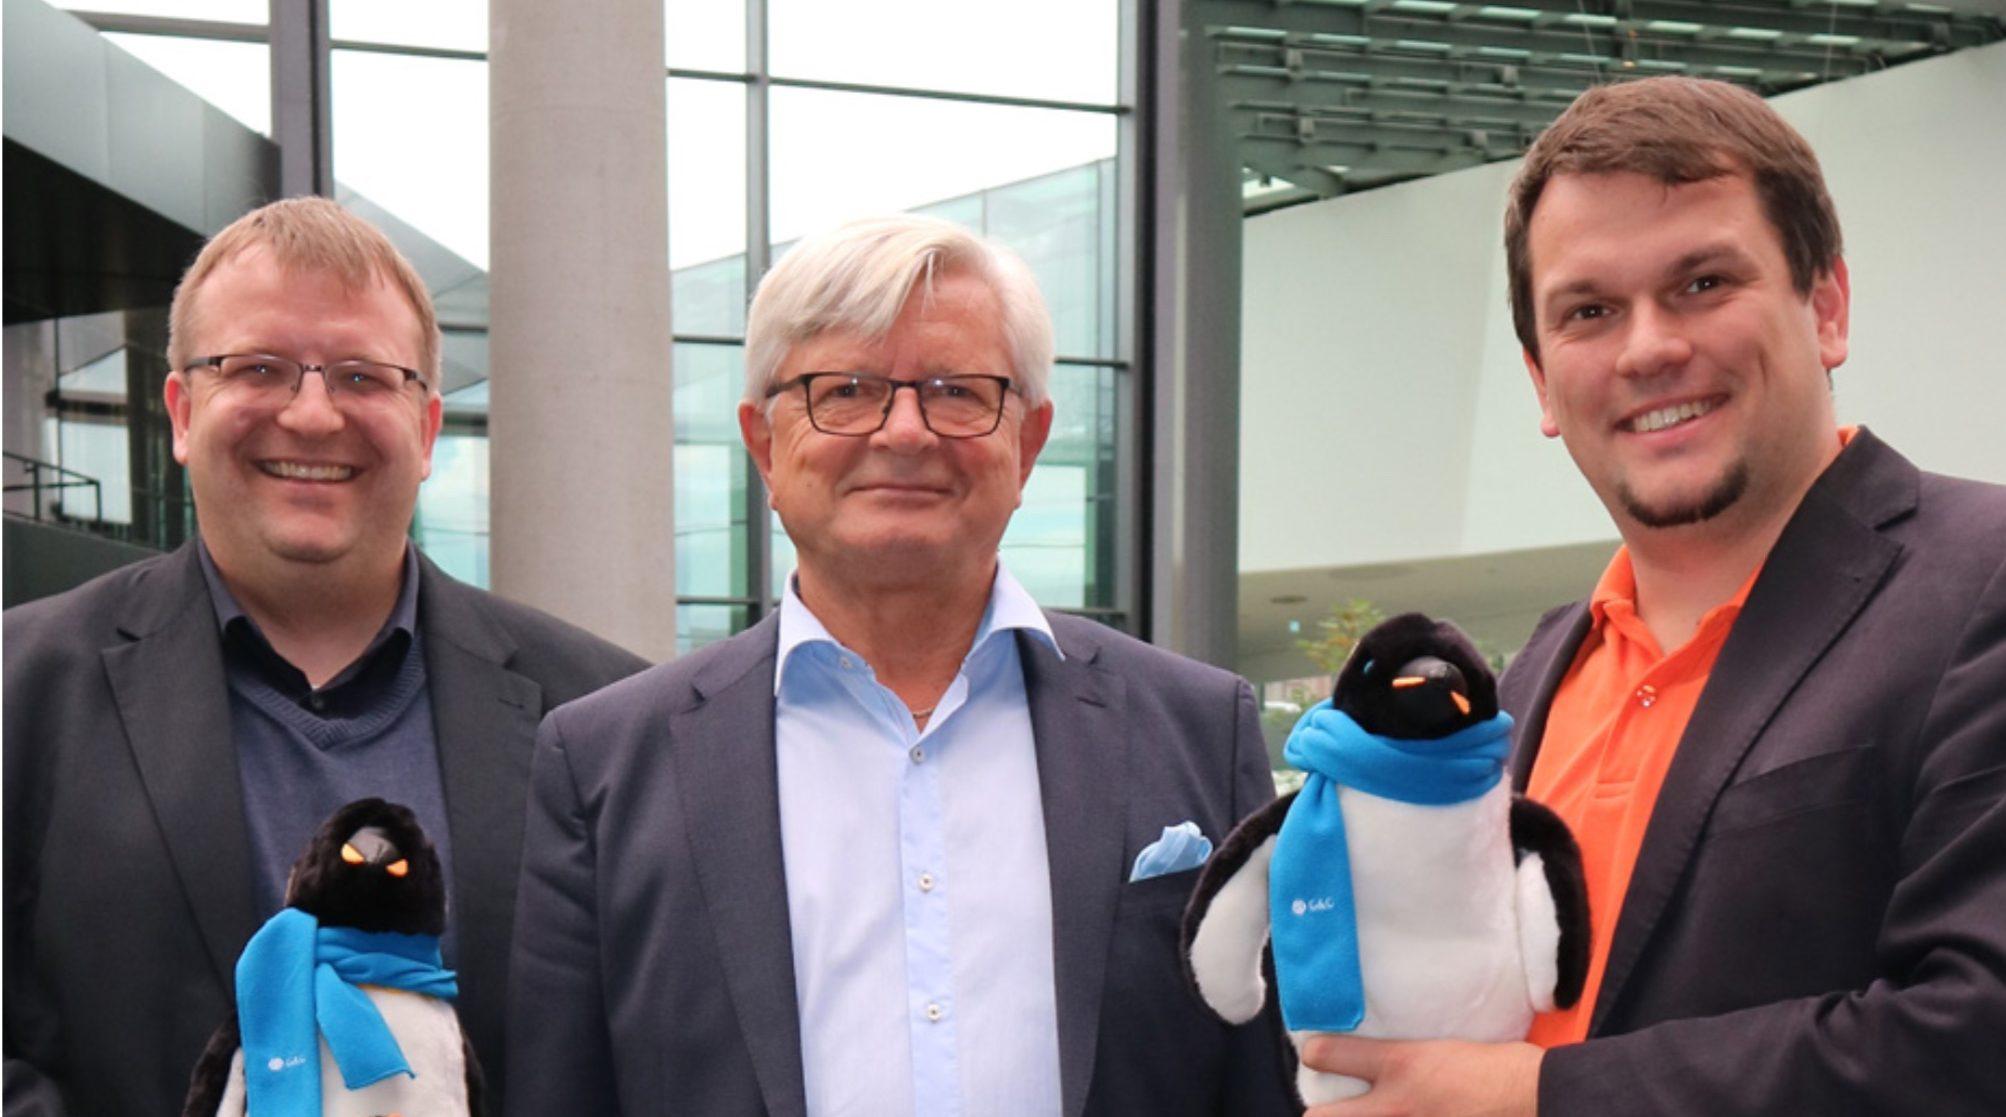 Von links nach rechts: Friedbert Baer, Karl Kallinger, Daniel Orth